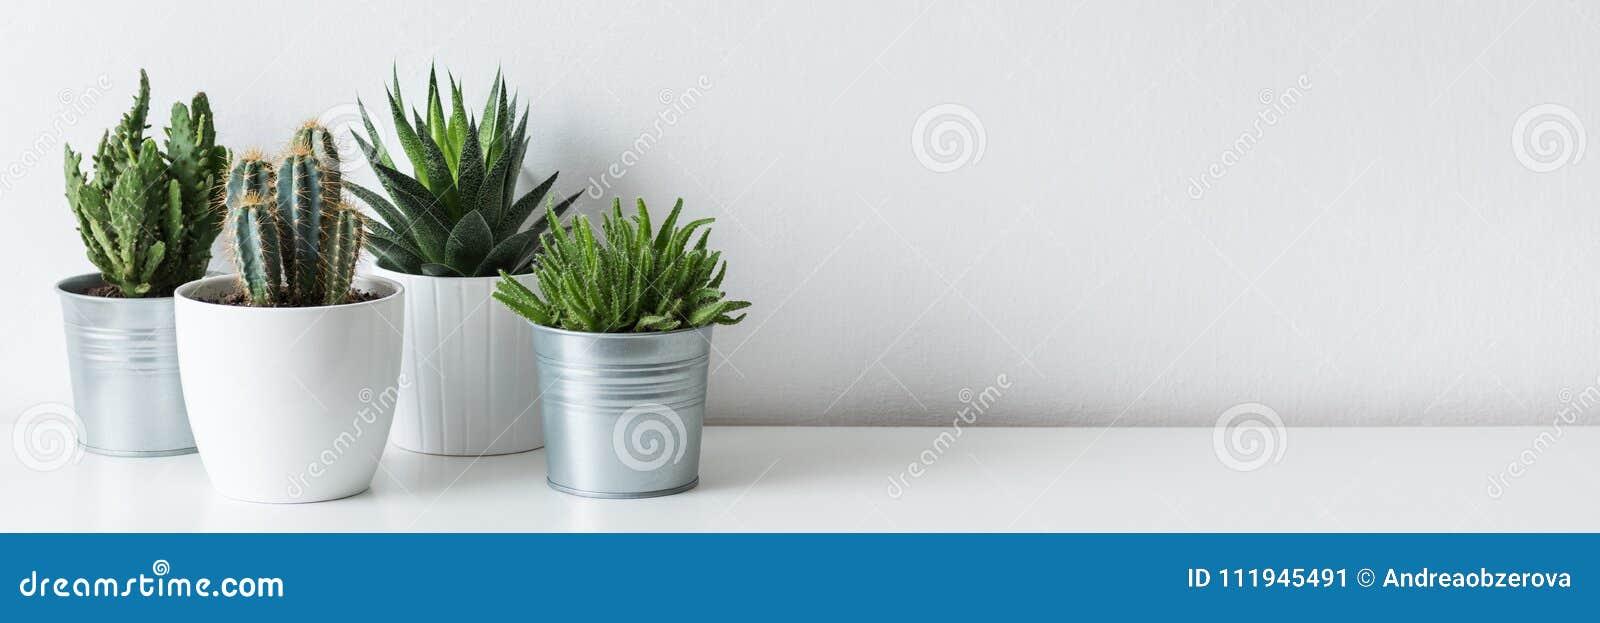 Raccolta di vari cactus e crassulacee in vasi differenti Piante conservate in vaso della casa del cactus sullo scaffale bianco